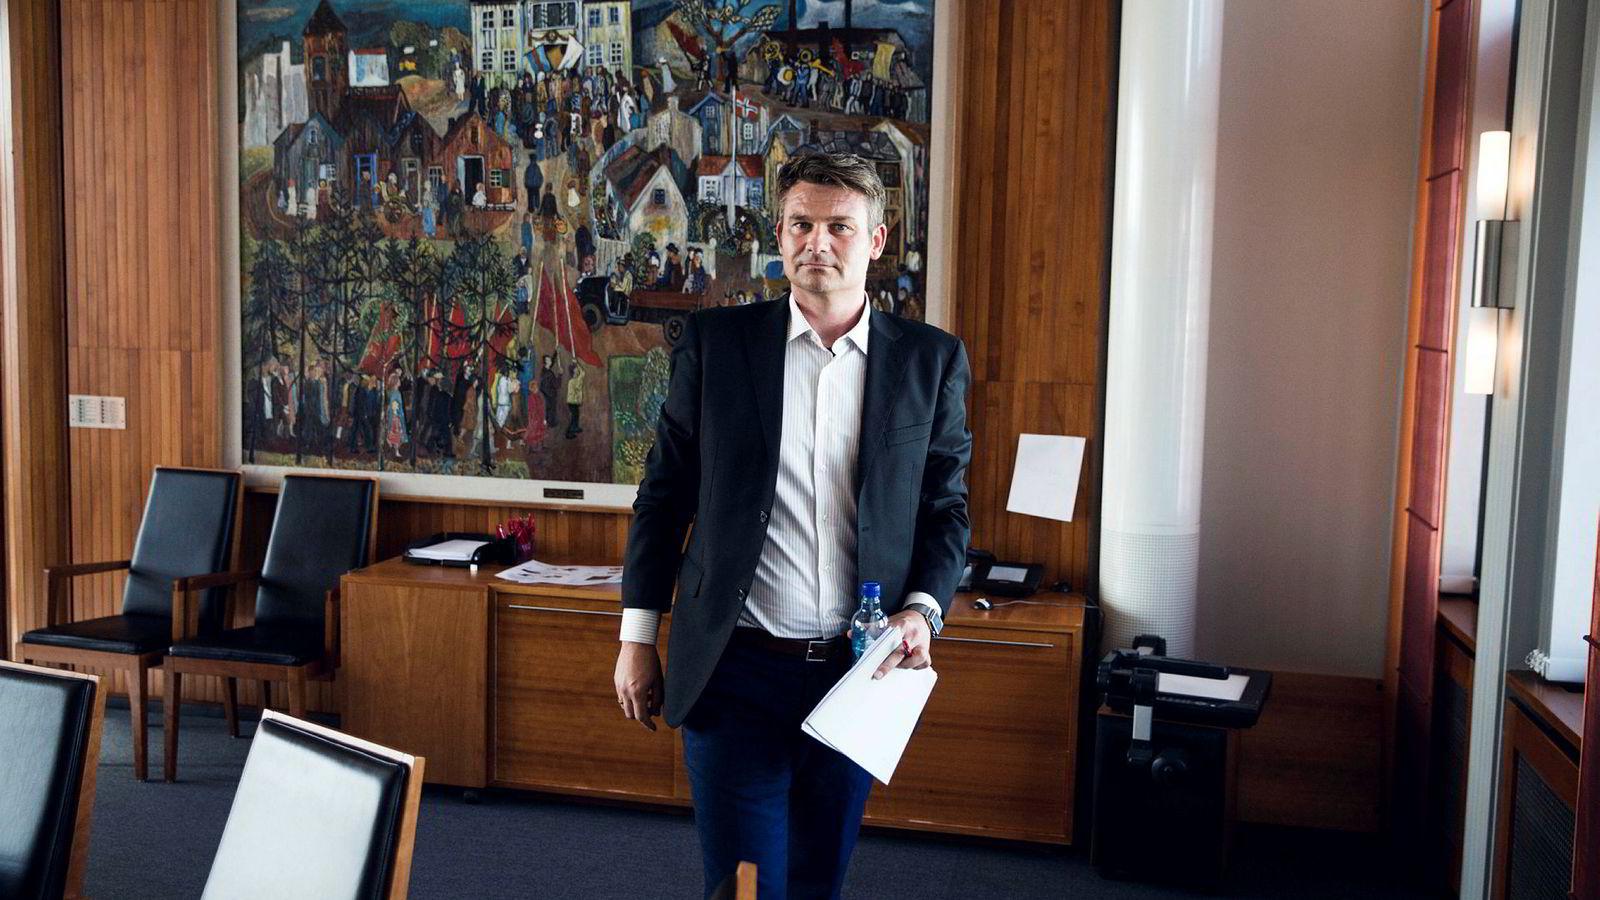 – Helt uaktuelt, sier LOs sjeføkonom Roger Bjørnstad om å enes om kutt i sykelønn.